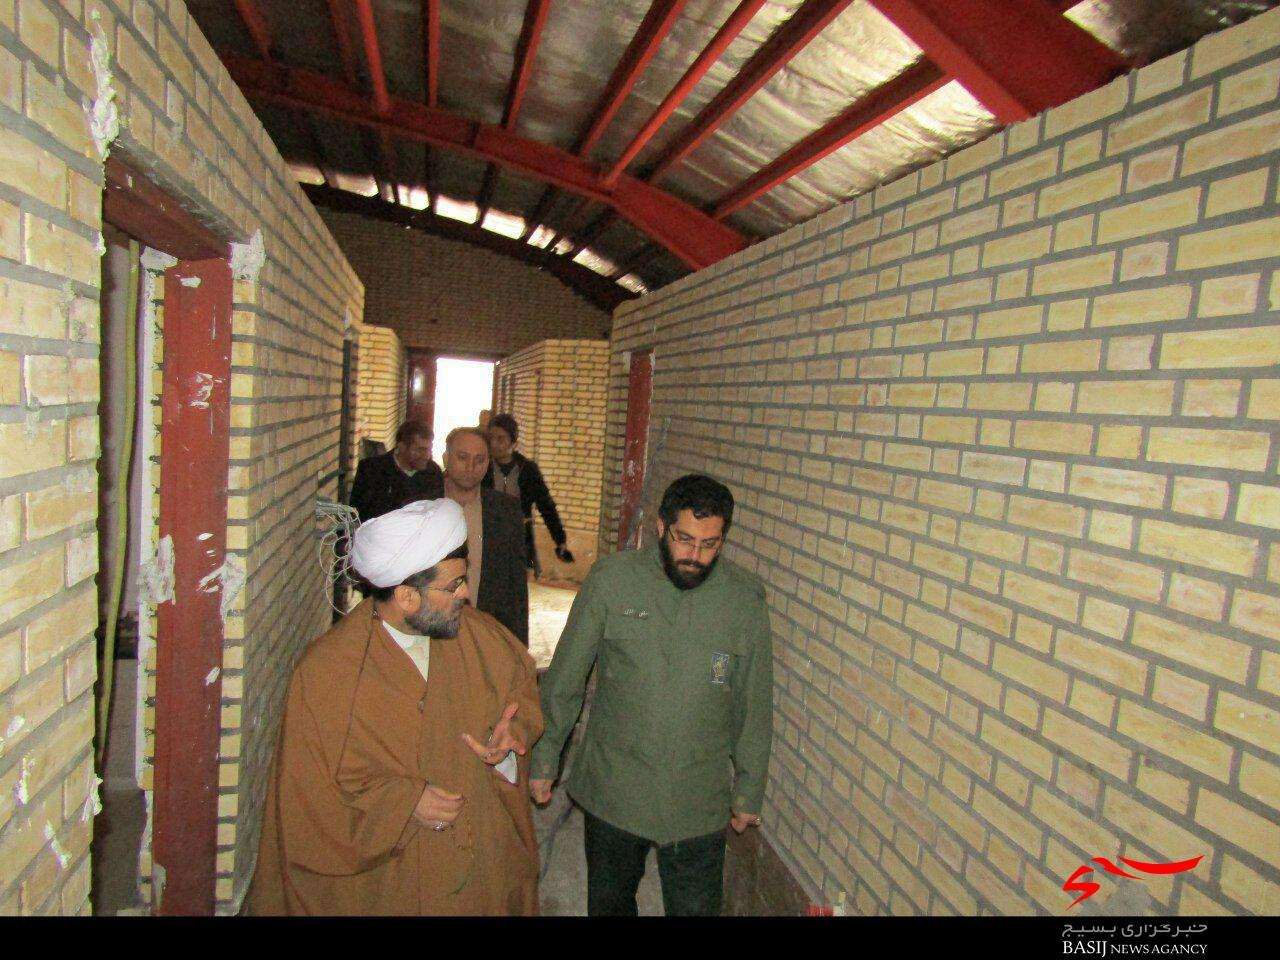 بازدید فرمانده سپاه ناحیه اشتهارد از سالن  ۹ دی روستای ایپک از توابع  شهرستان اشتهارد